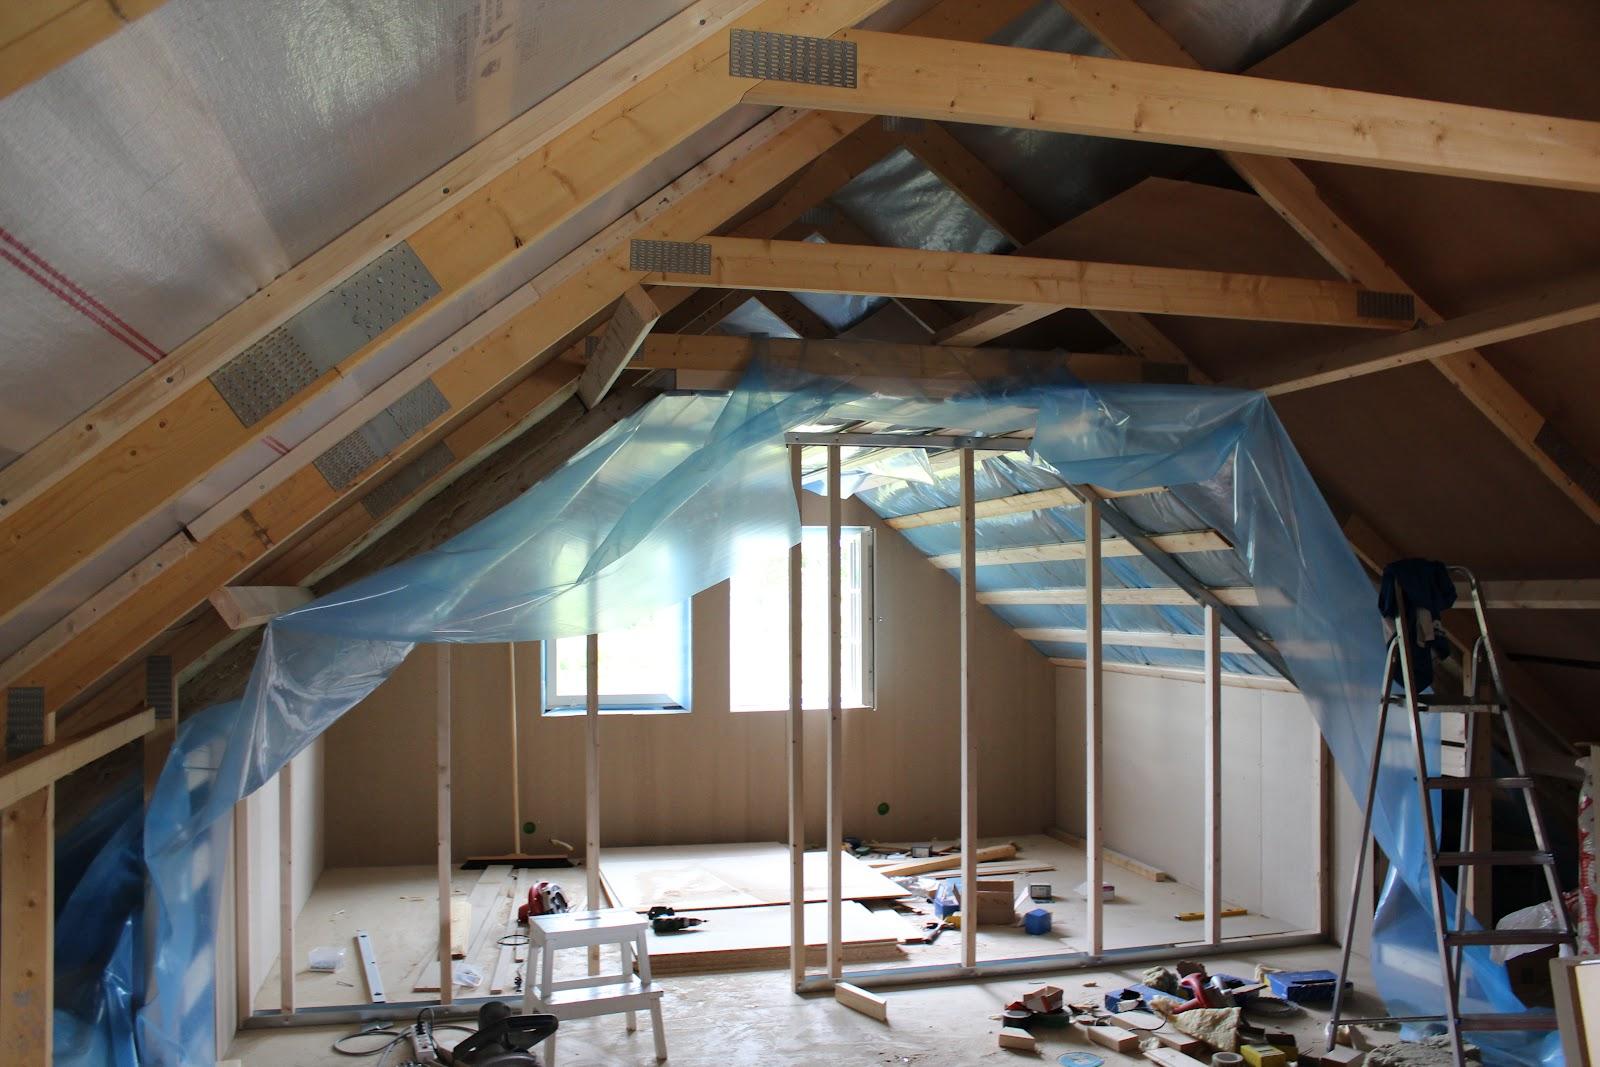 Vi och ett hus: juli 2012